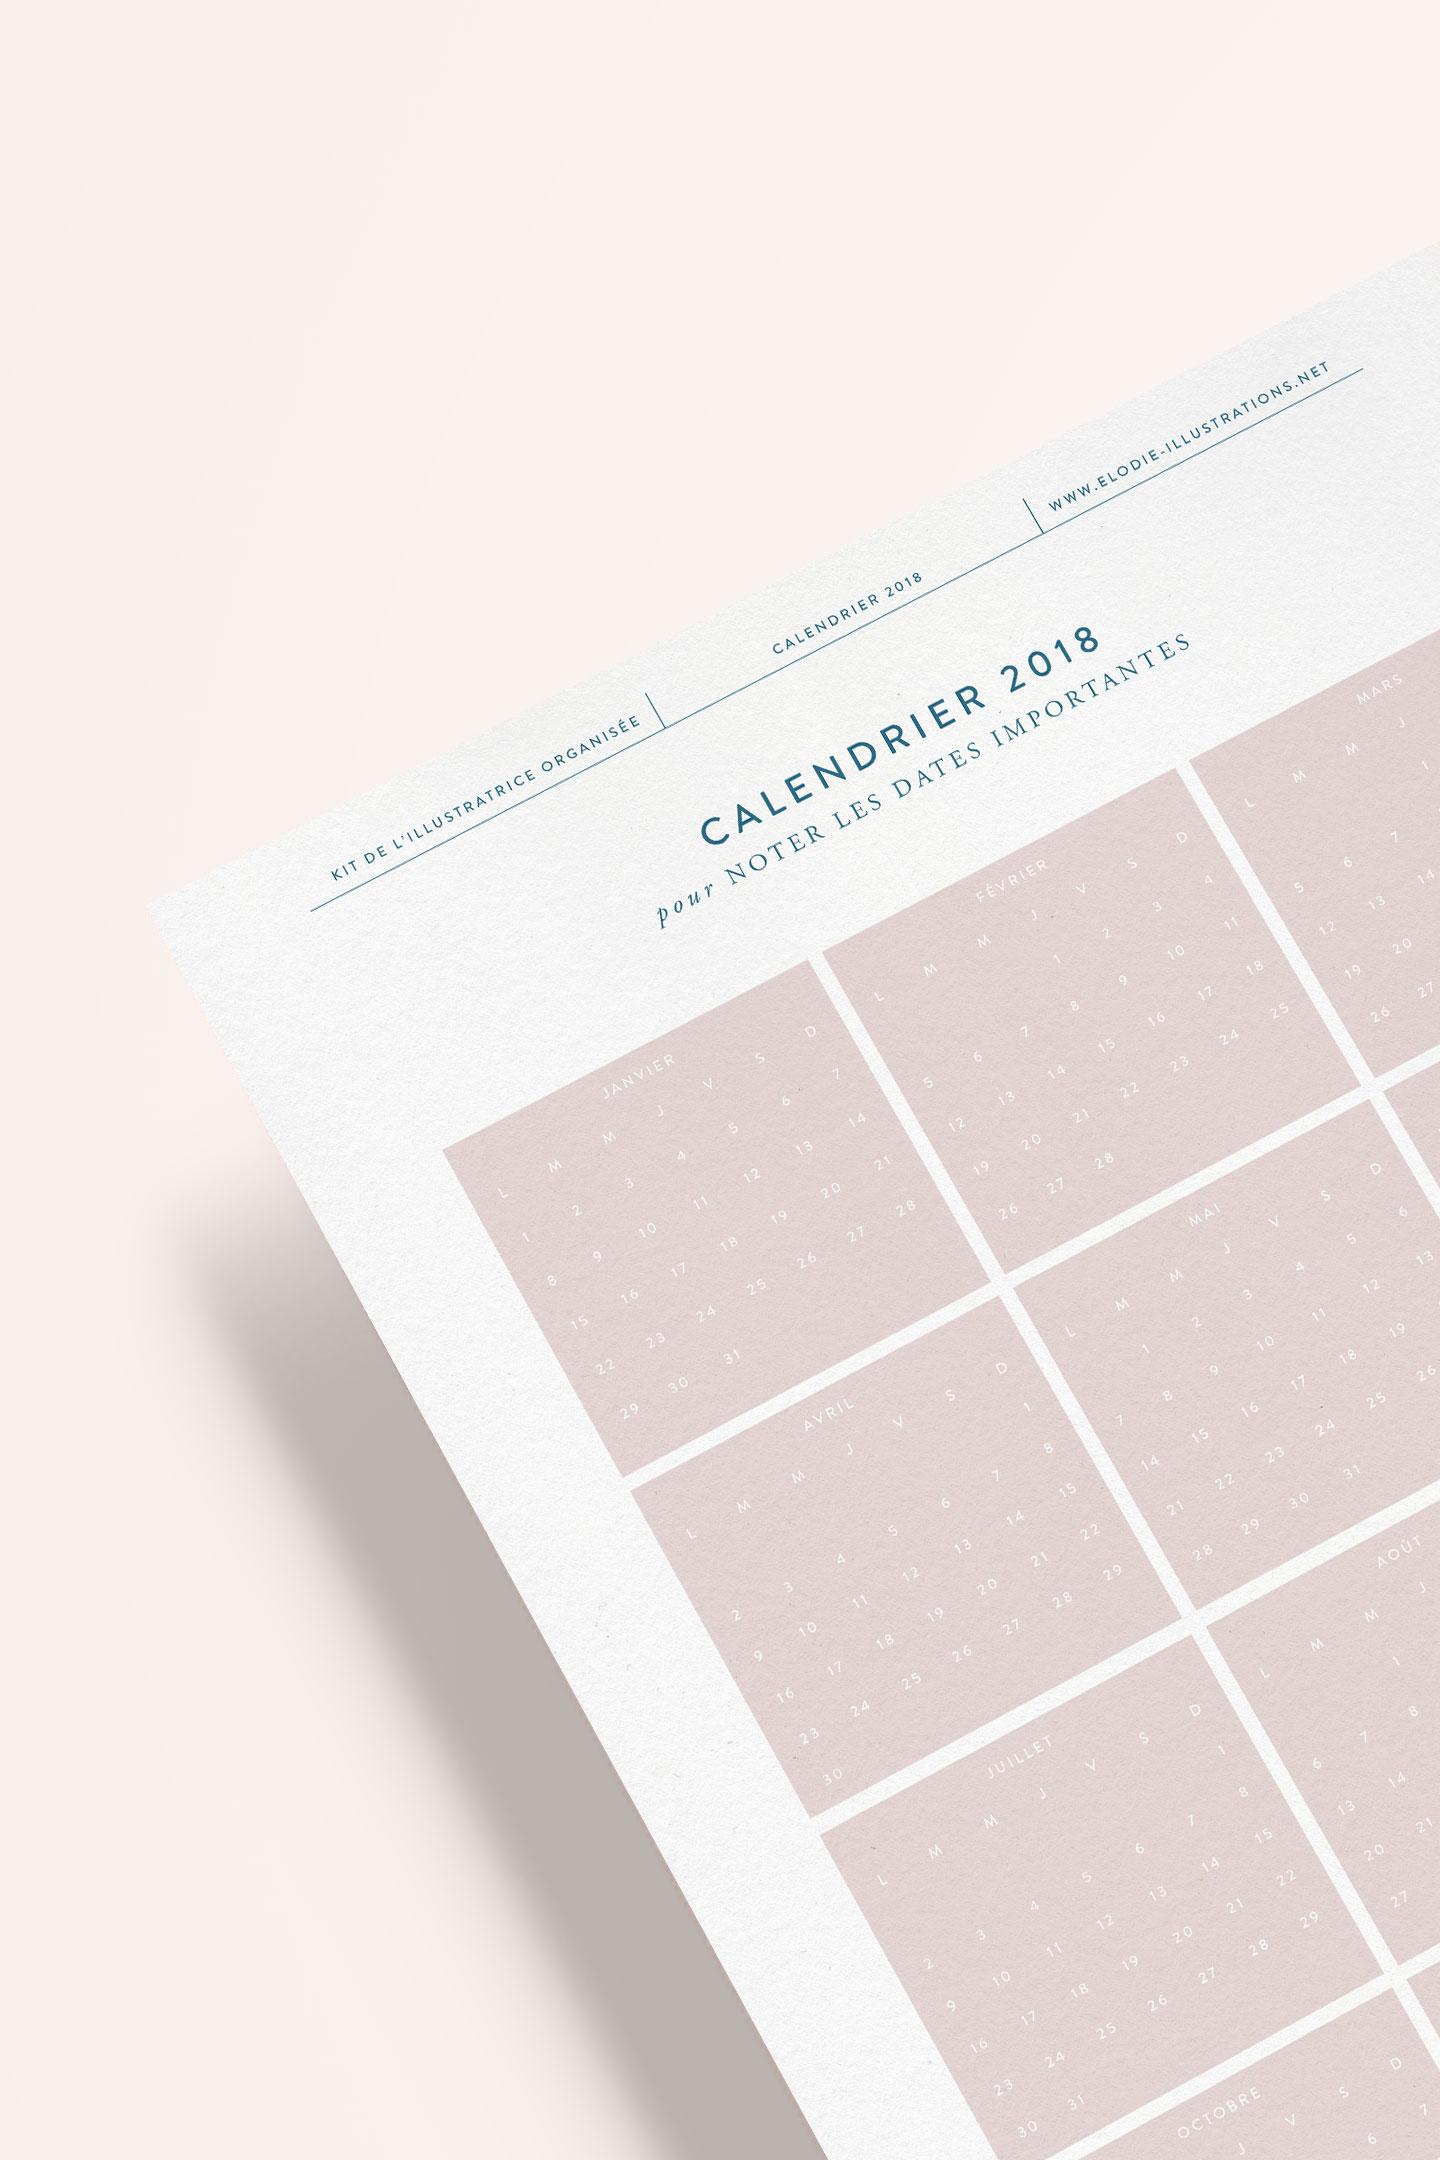 Kit de l'illustratrice organisée 2018 - Cliquez pour découvrir l'article